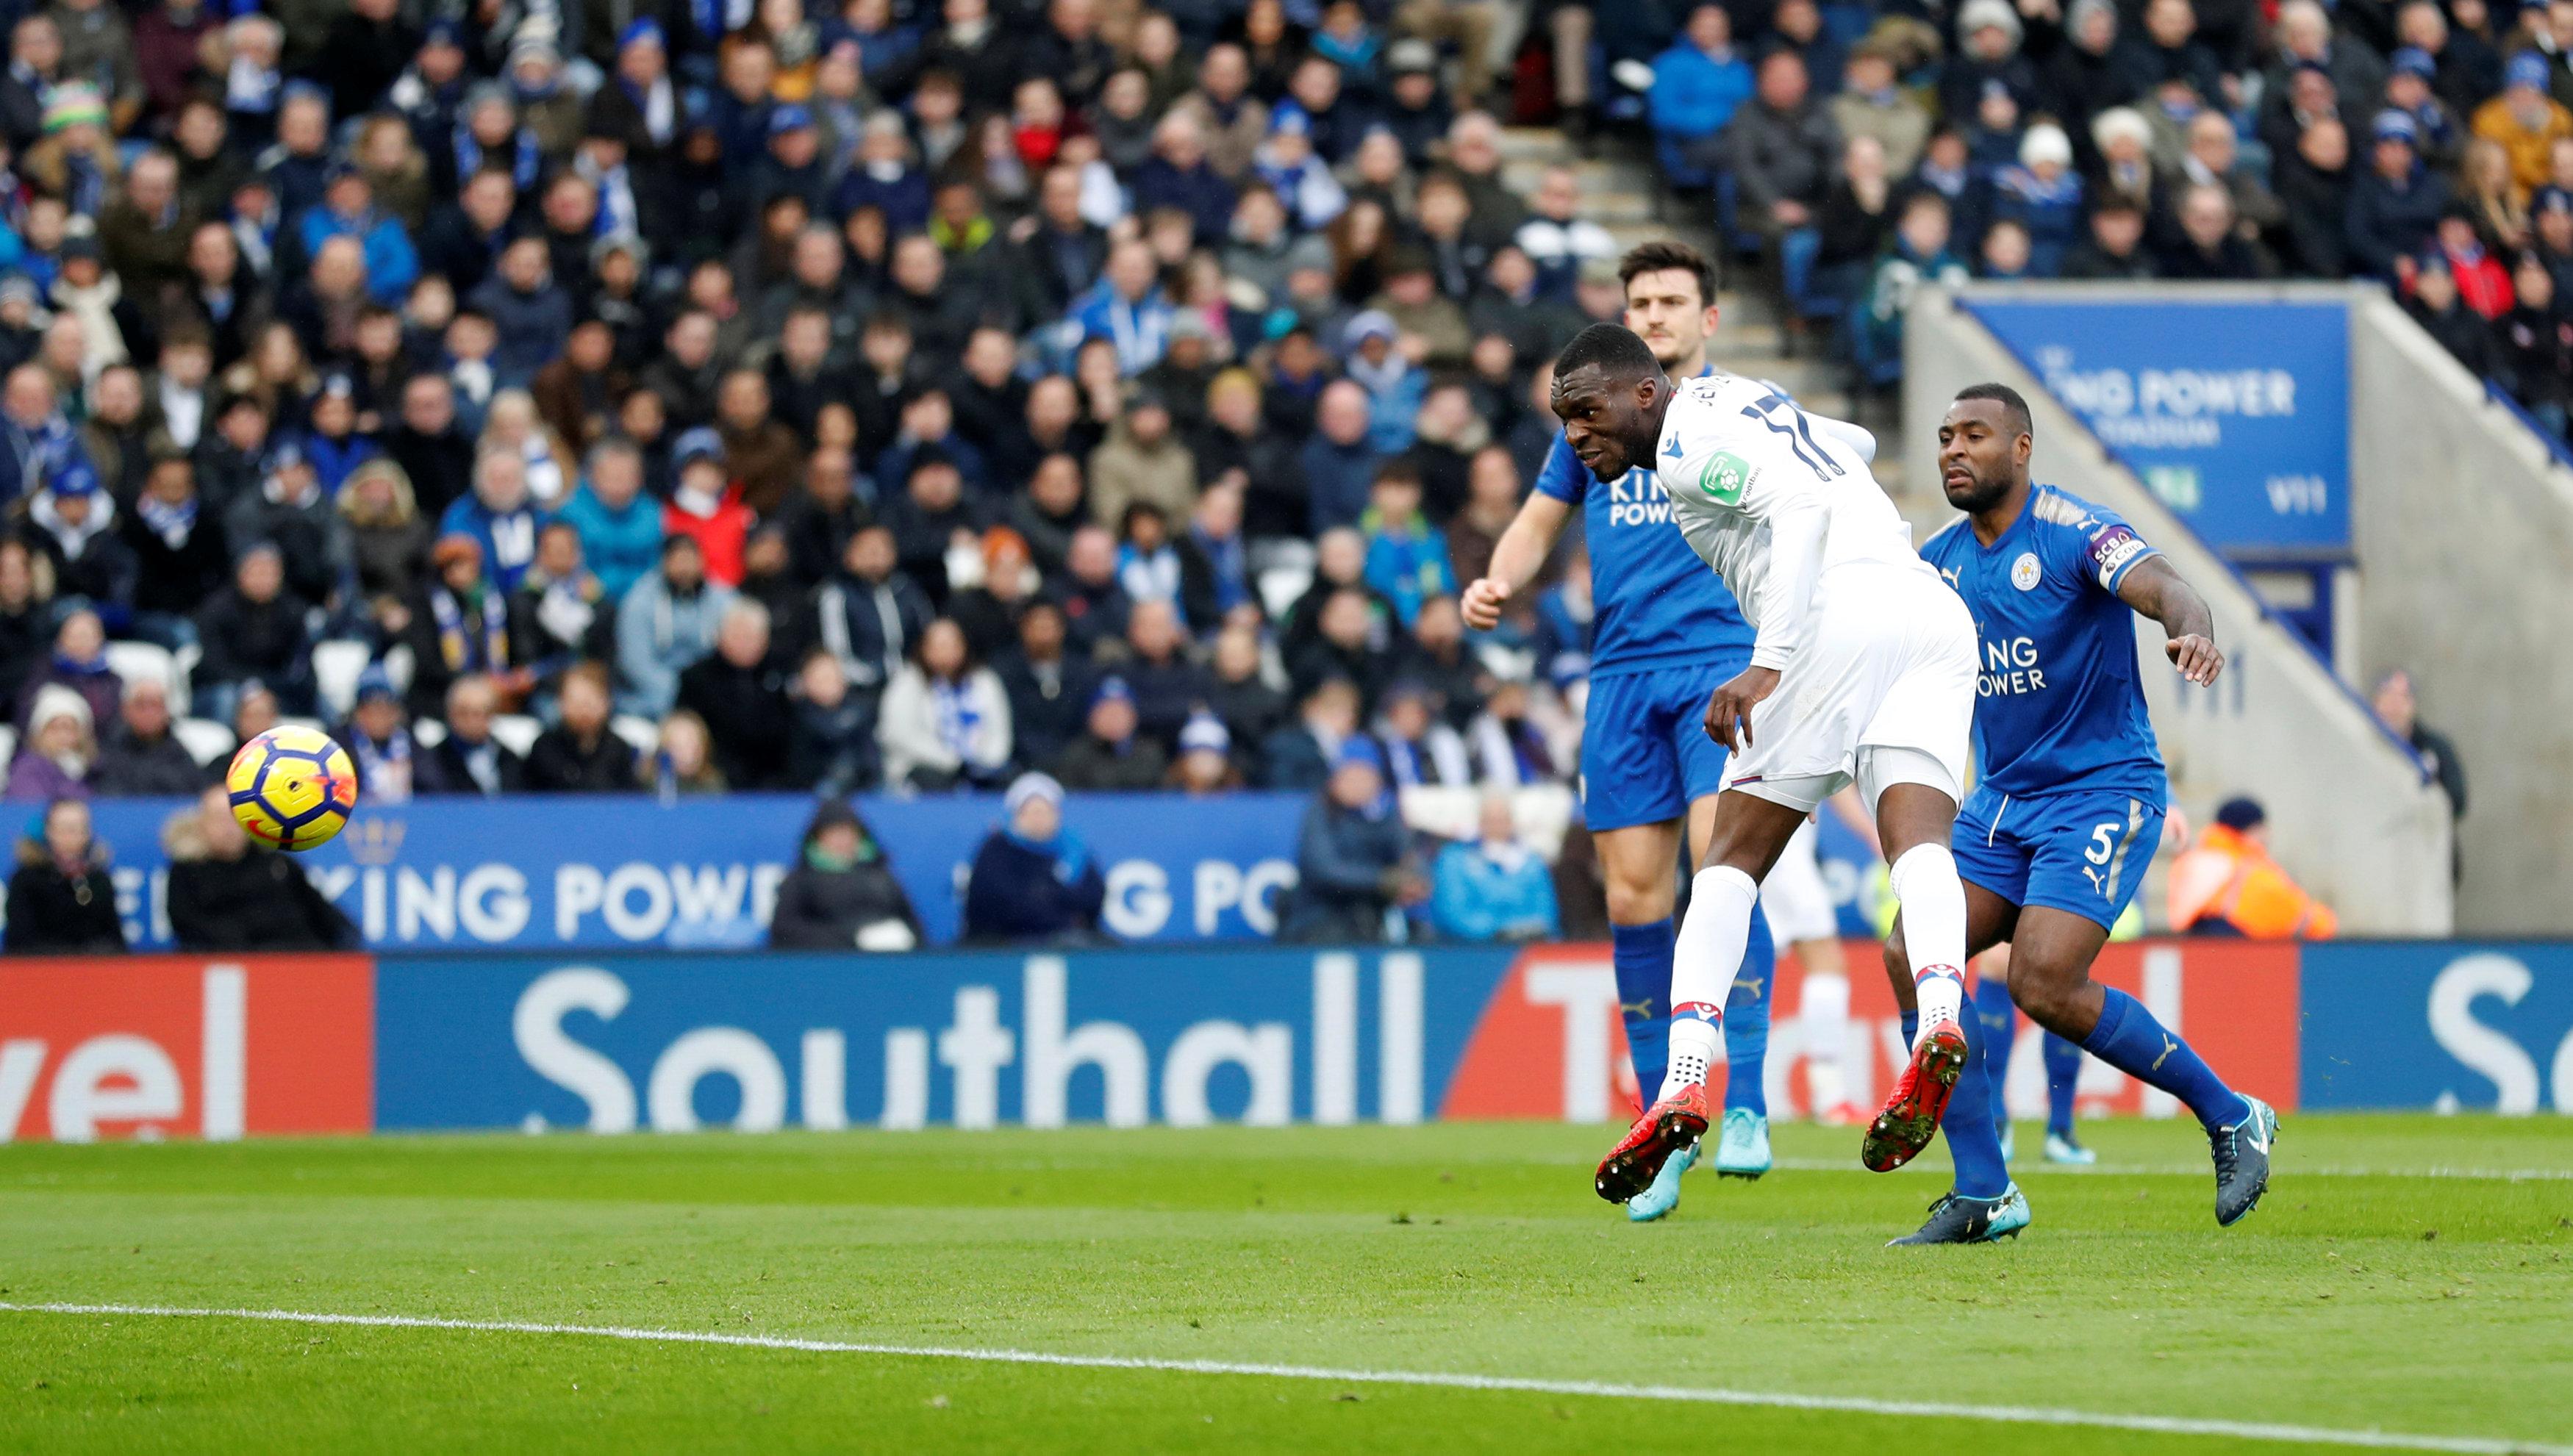 Pha đánh đầu mở tỉ số cho Crystal Palace của Benteke. Ảnh: REUTERS